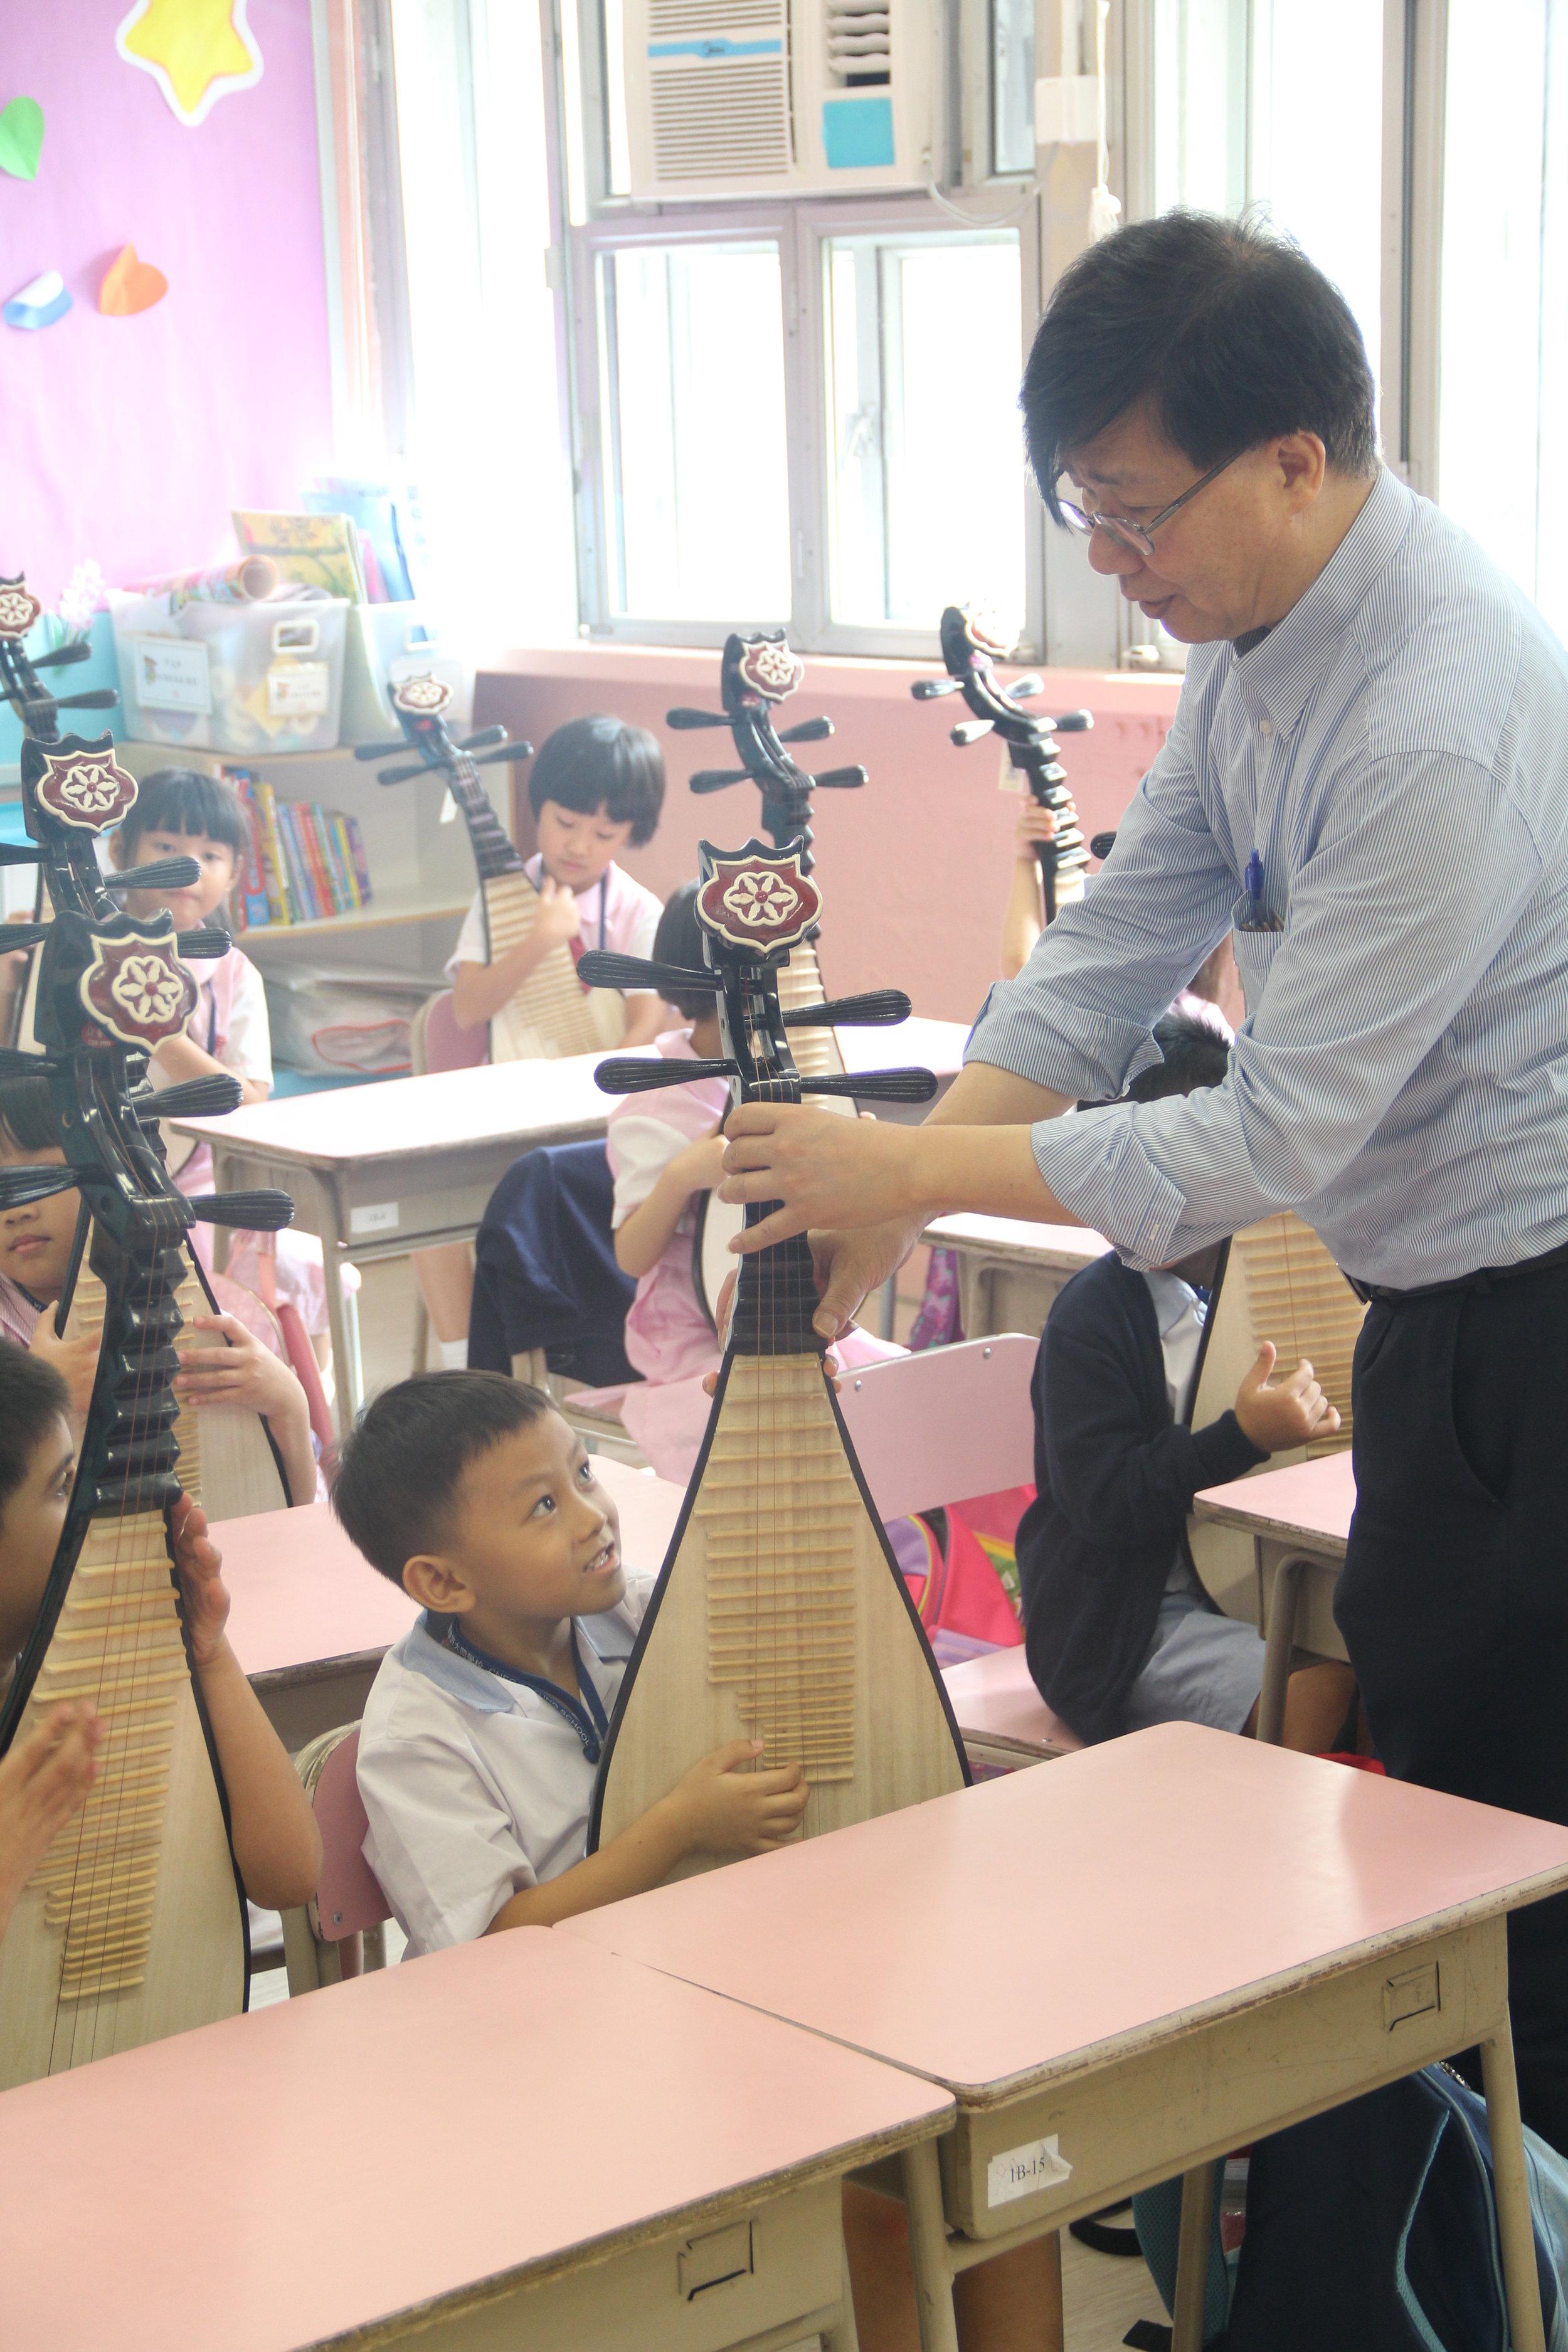 吳炳坤大師糾正同學拿琵琶的姿勢!